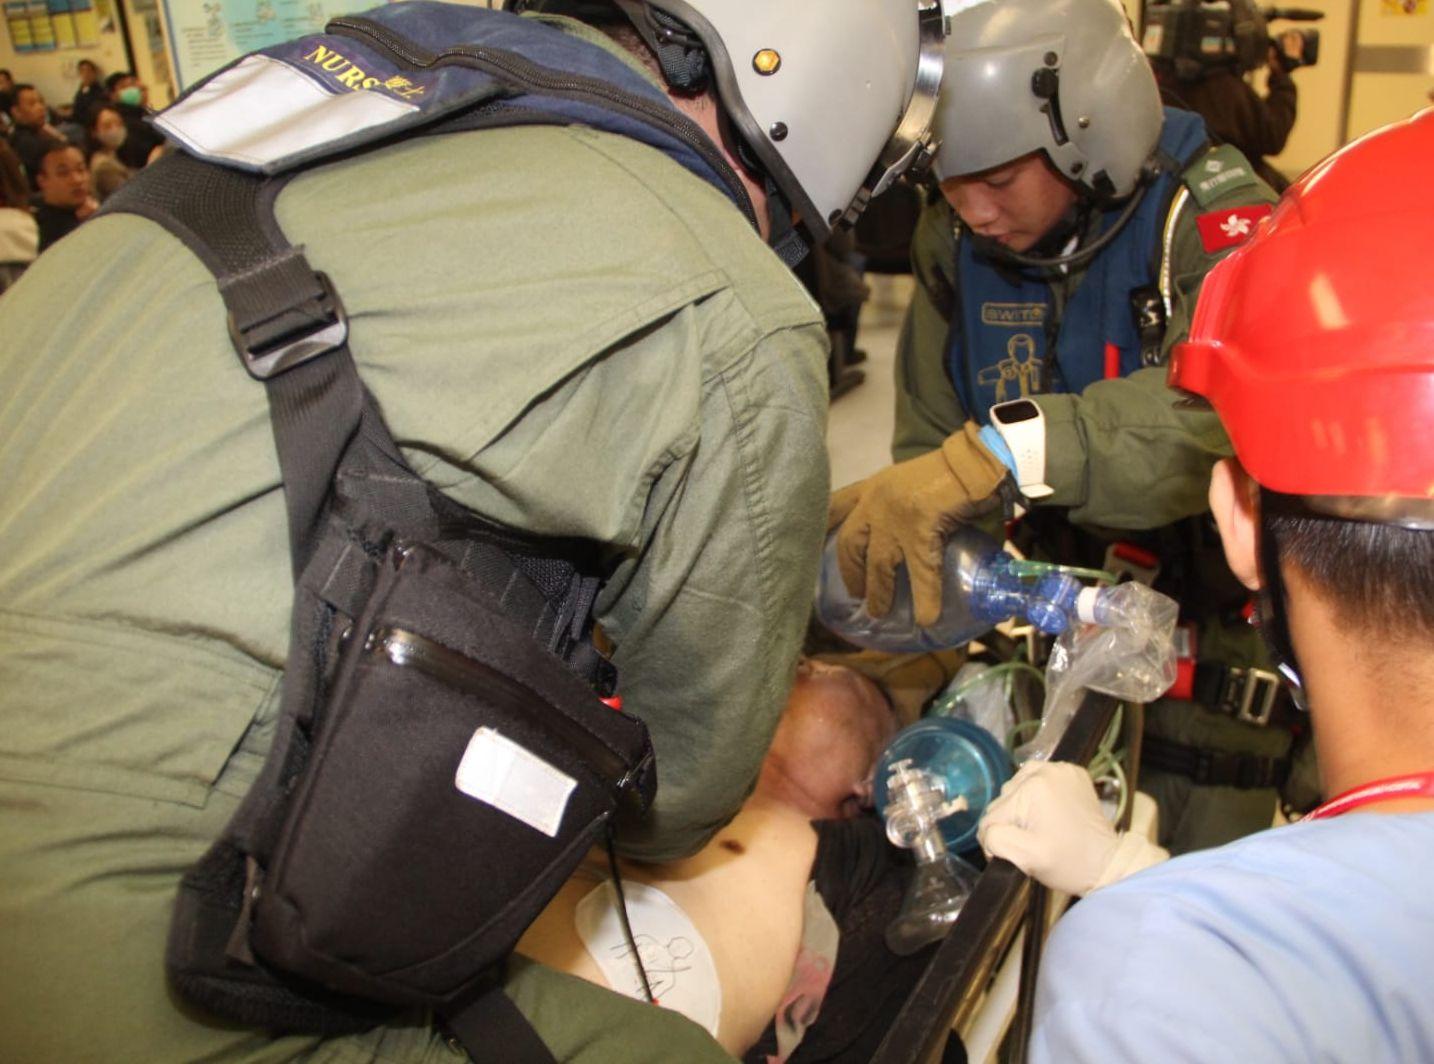 男子由直昇機送往東區醫院搶救。